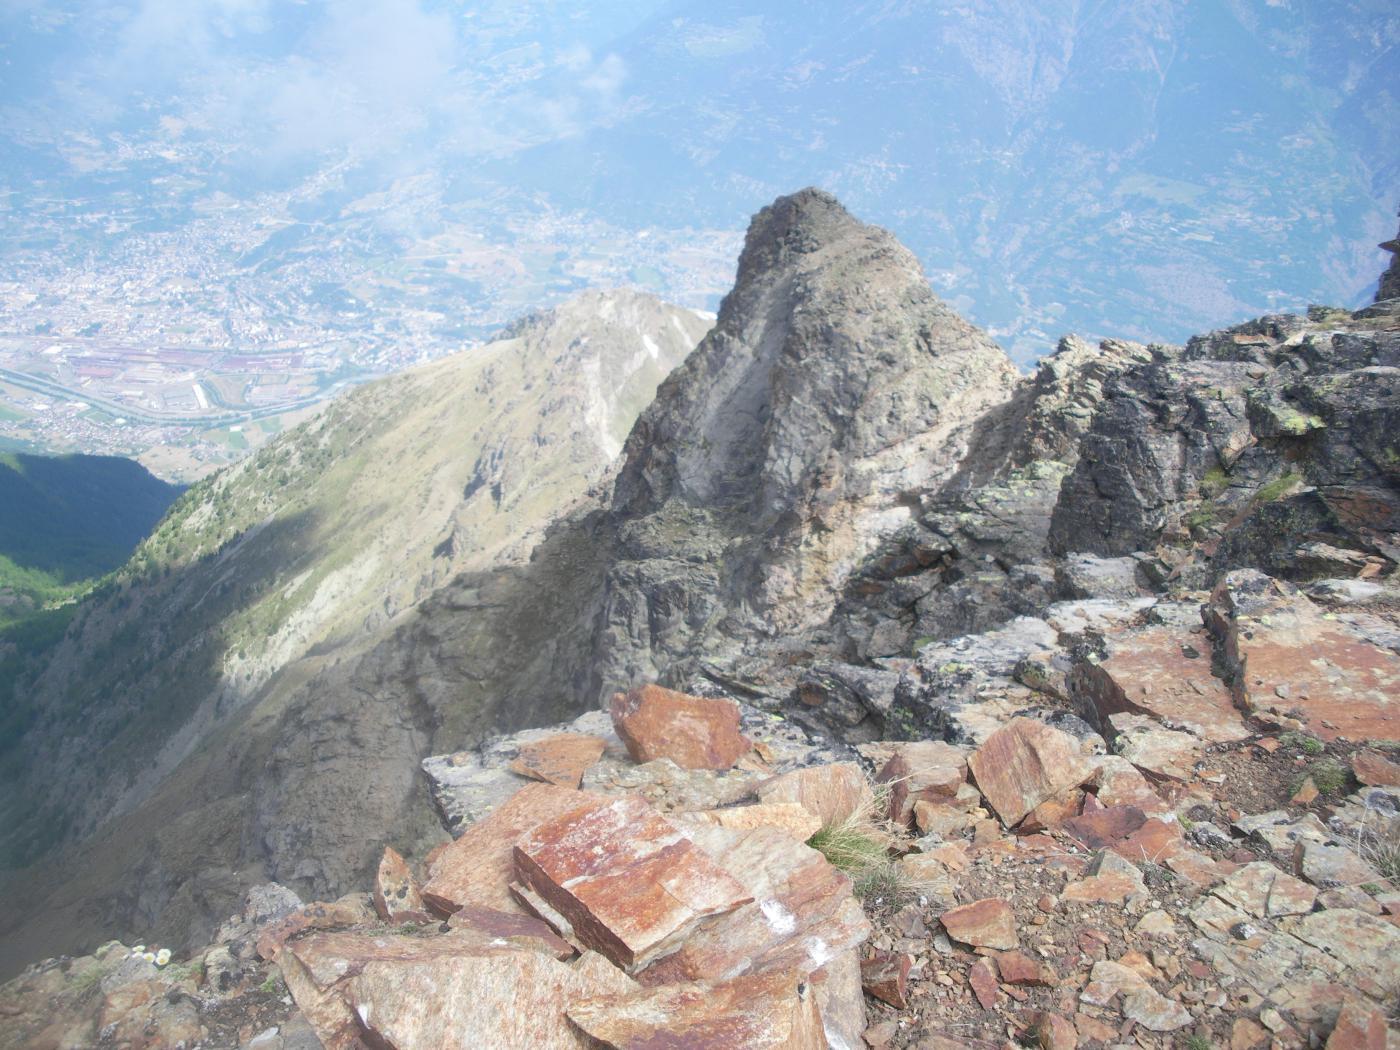 dalla vetta ..l'intera cresta salita..in basso a sx si vede Aosta..